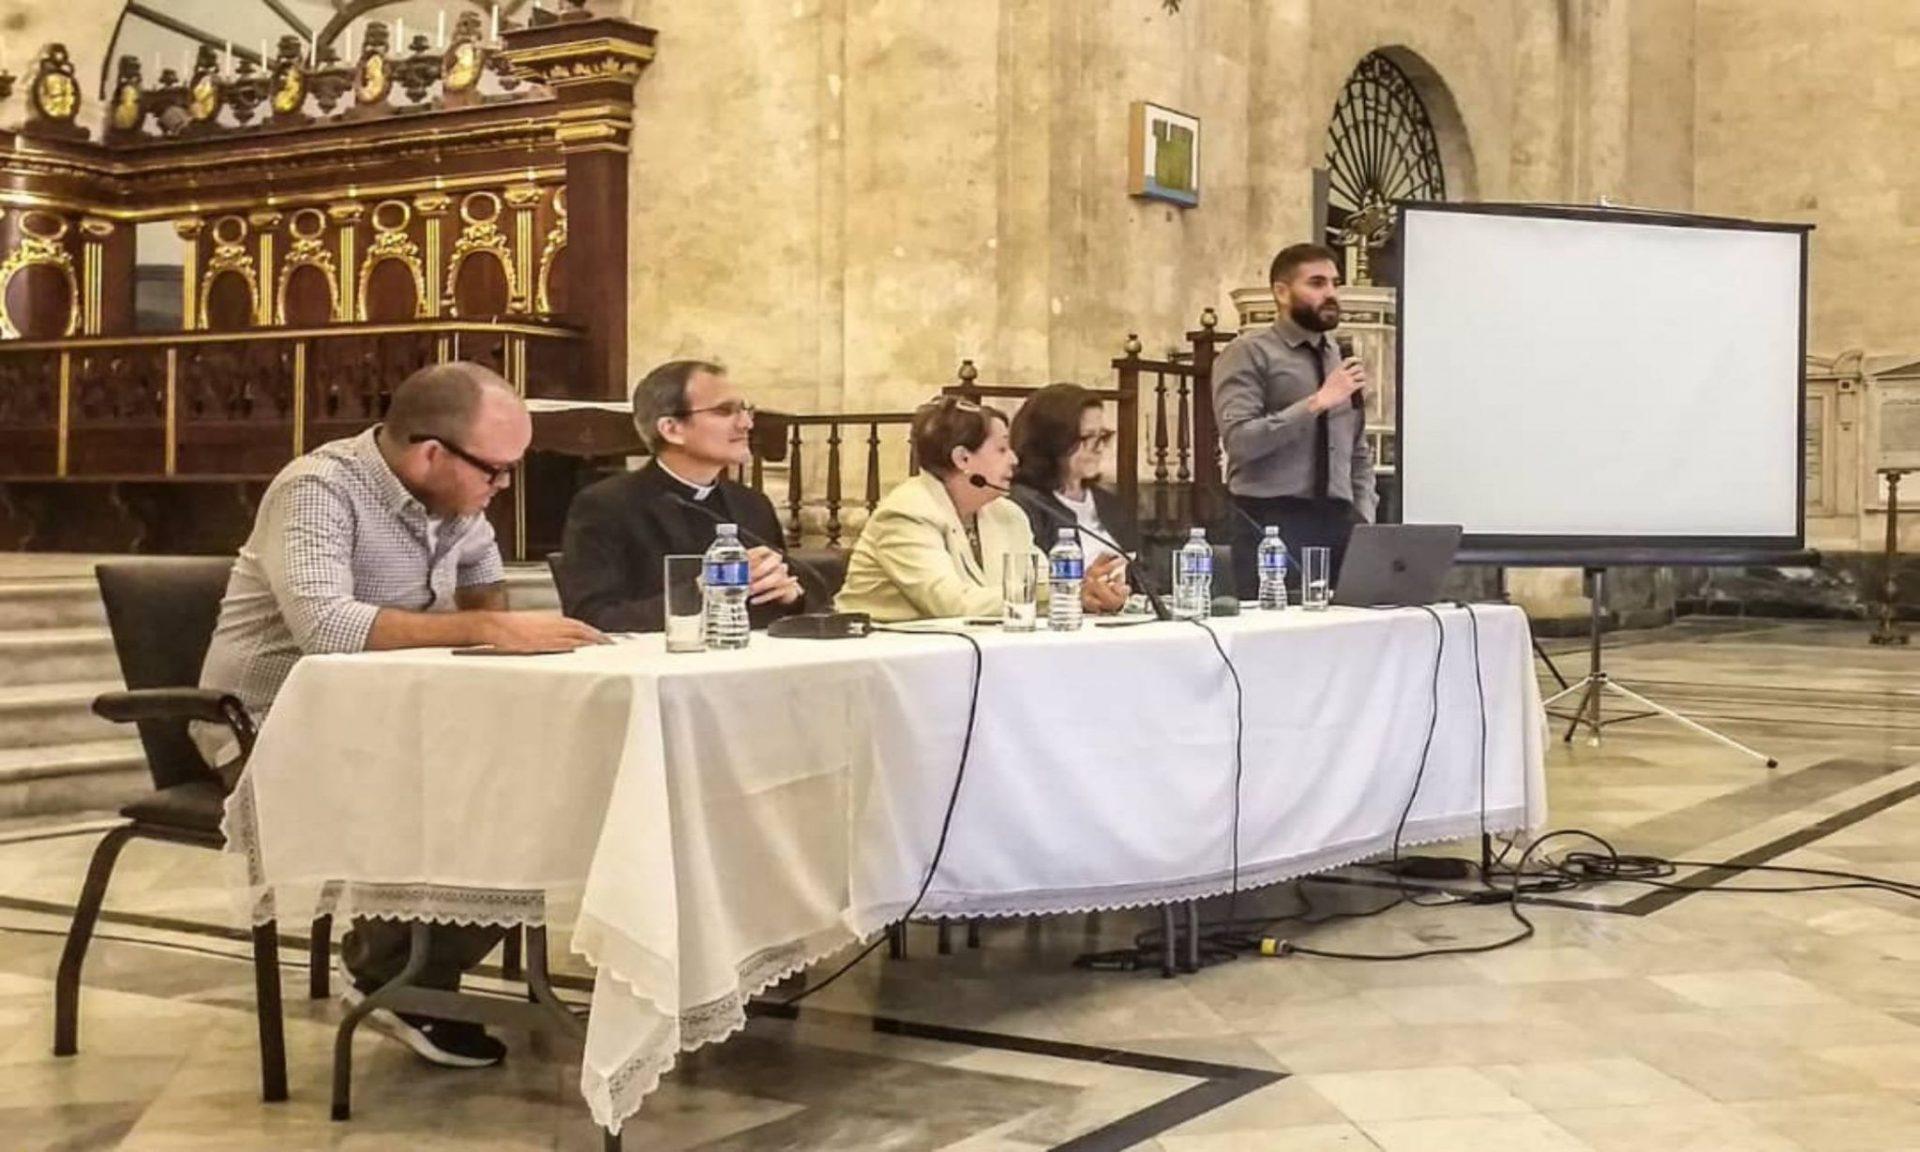 Se realizó en la Catedral de La Habana el panel Un viacrucis contemporáneo repensando el arte y la fe